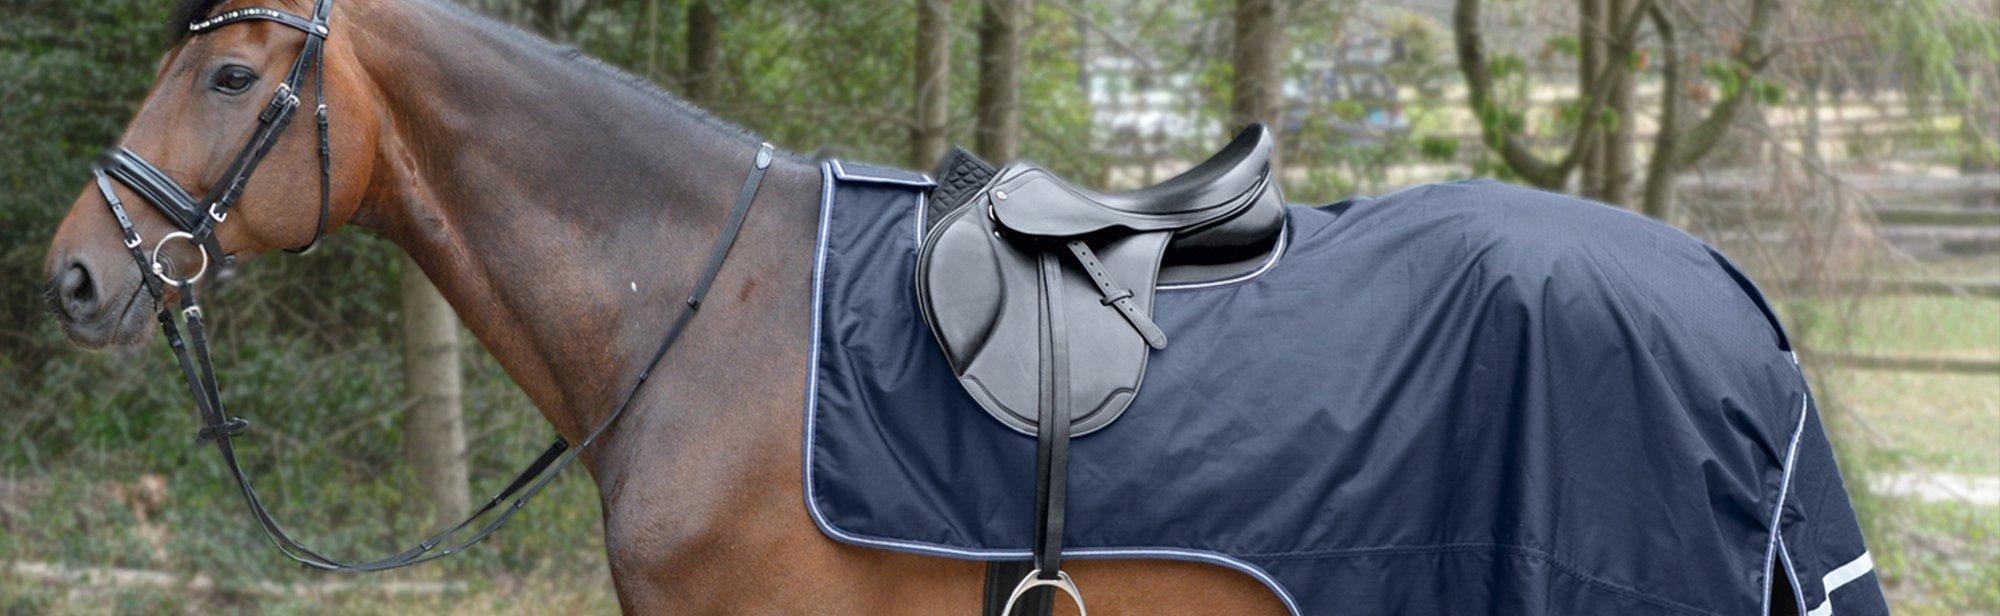 Ausreitdecken für Pferde